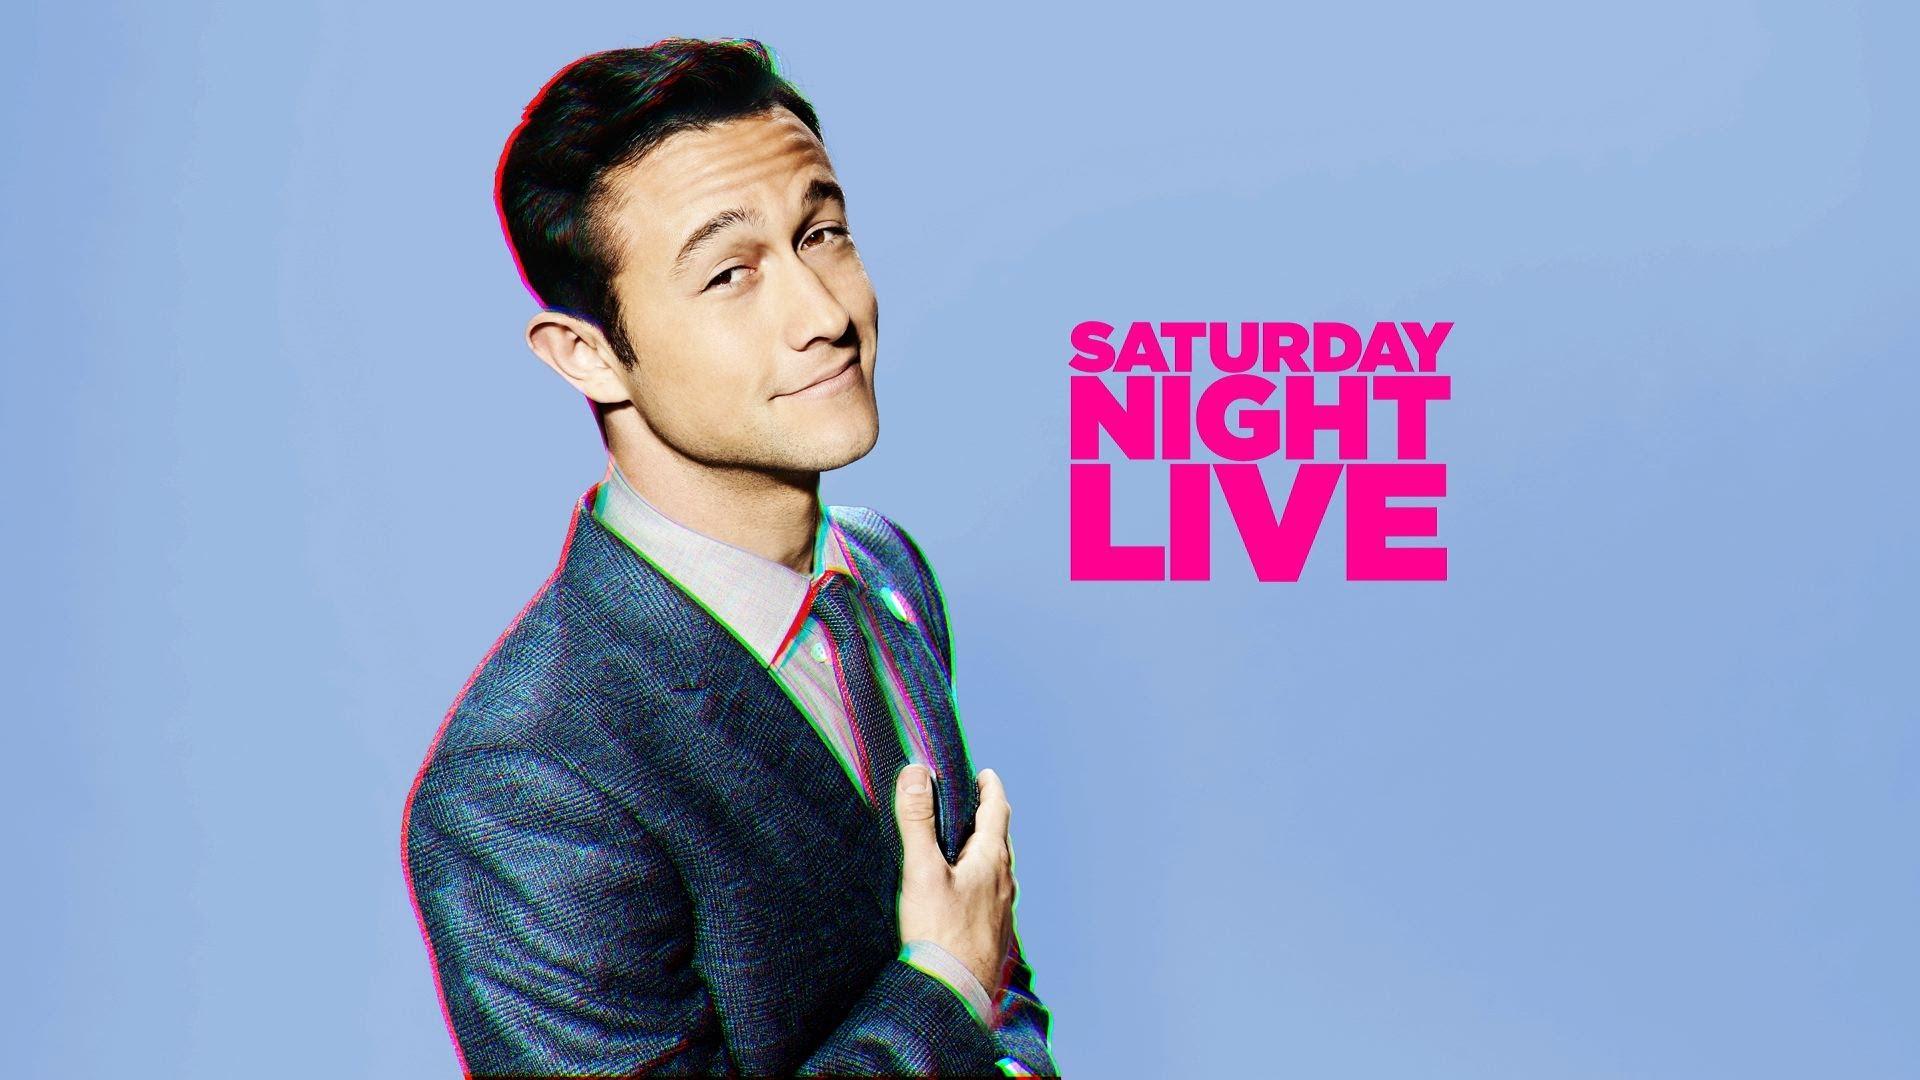 Saturday Night Live Wallpaper 3   1920 X 1080 stmednet 1920x1080